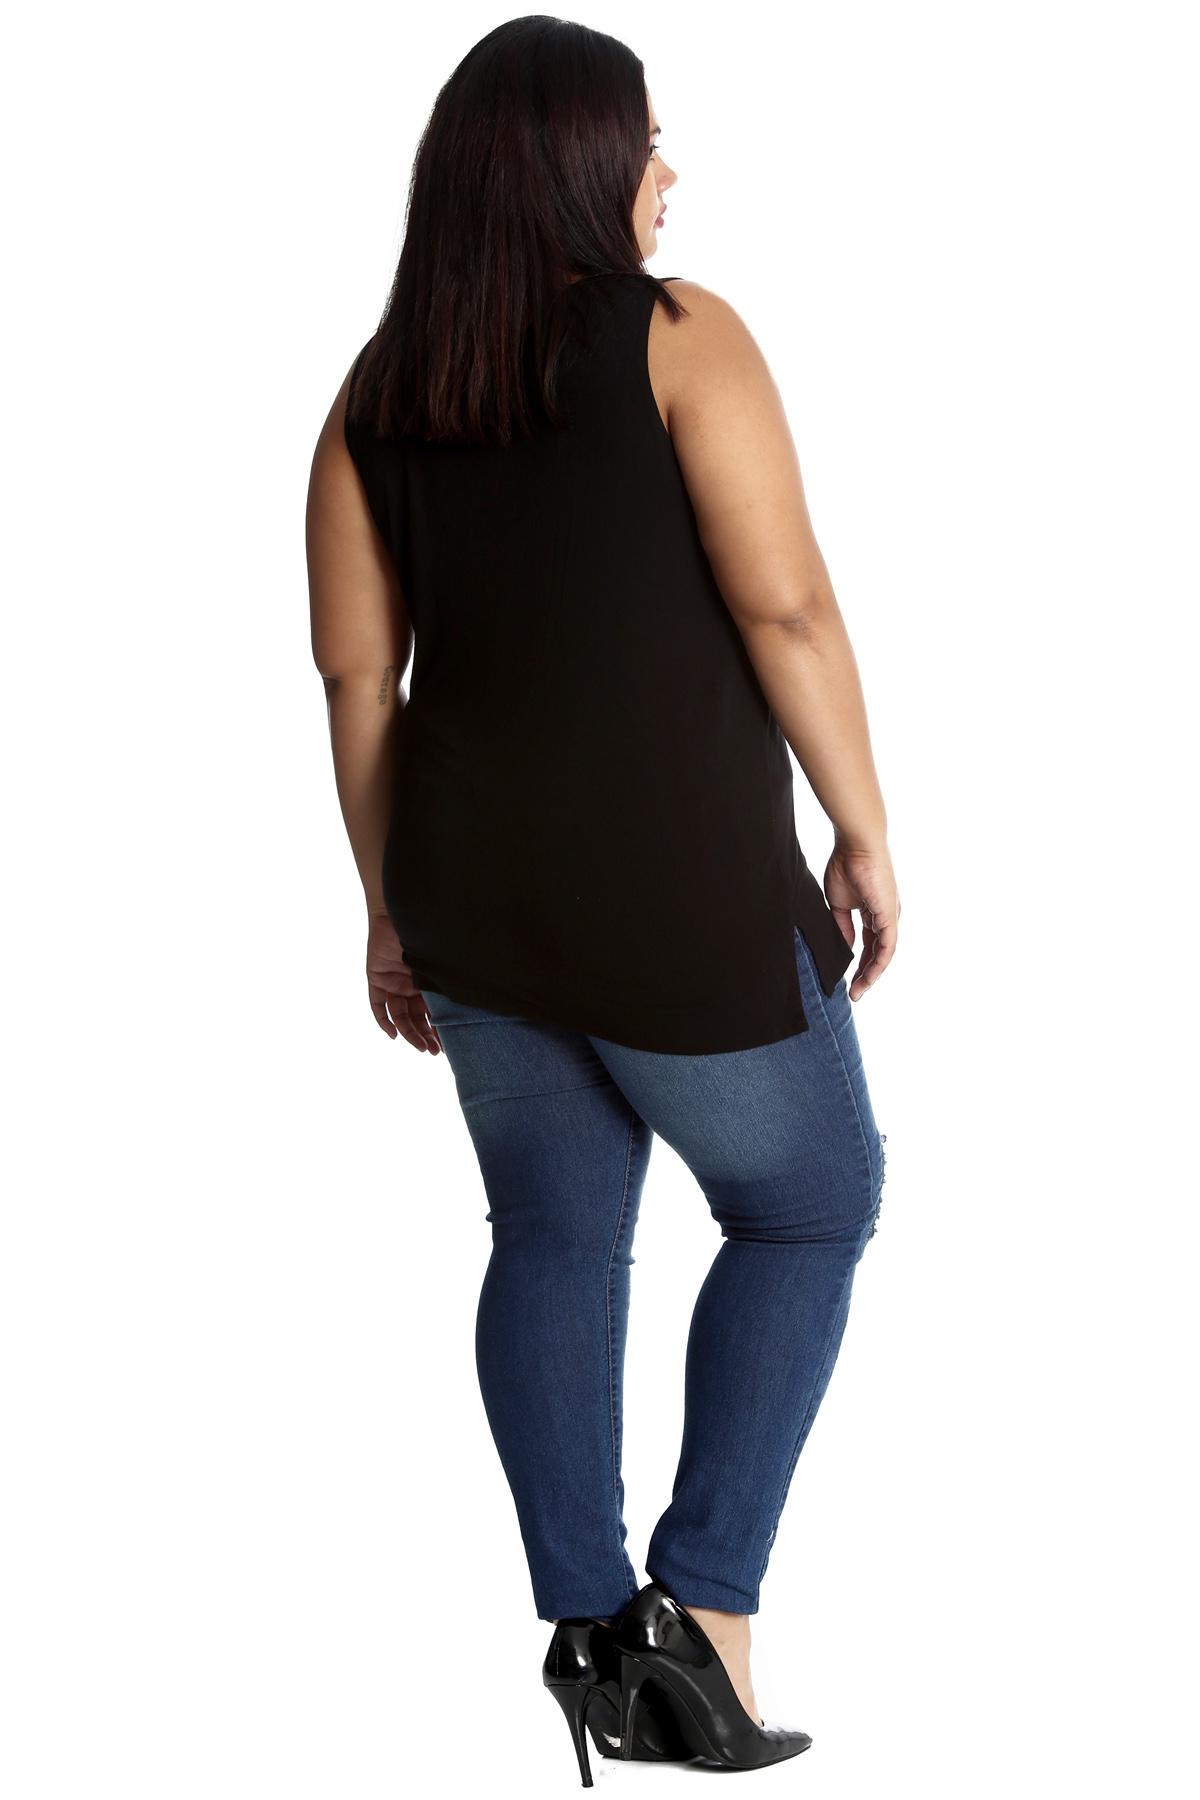 NUOVA linea donna Taglie Forti Jeans Donna Strappato Gamba Dritta Con Paillettes Con Patch NOUVELLE